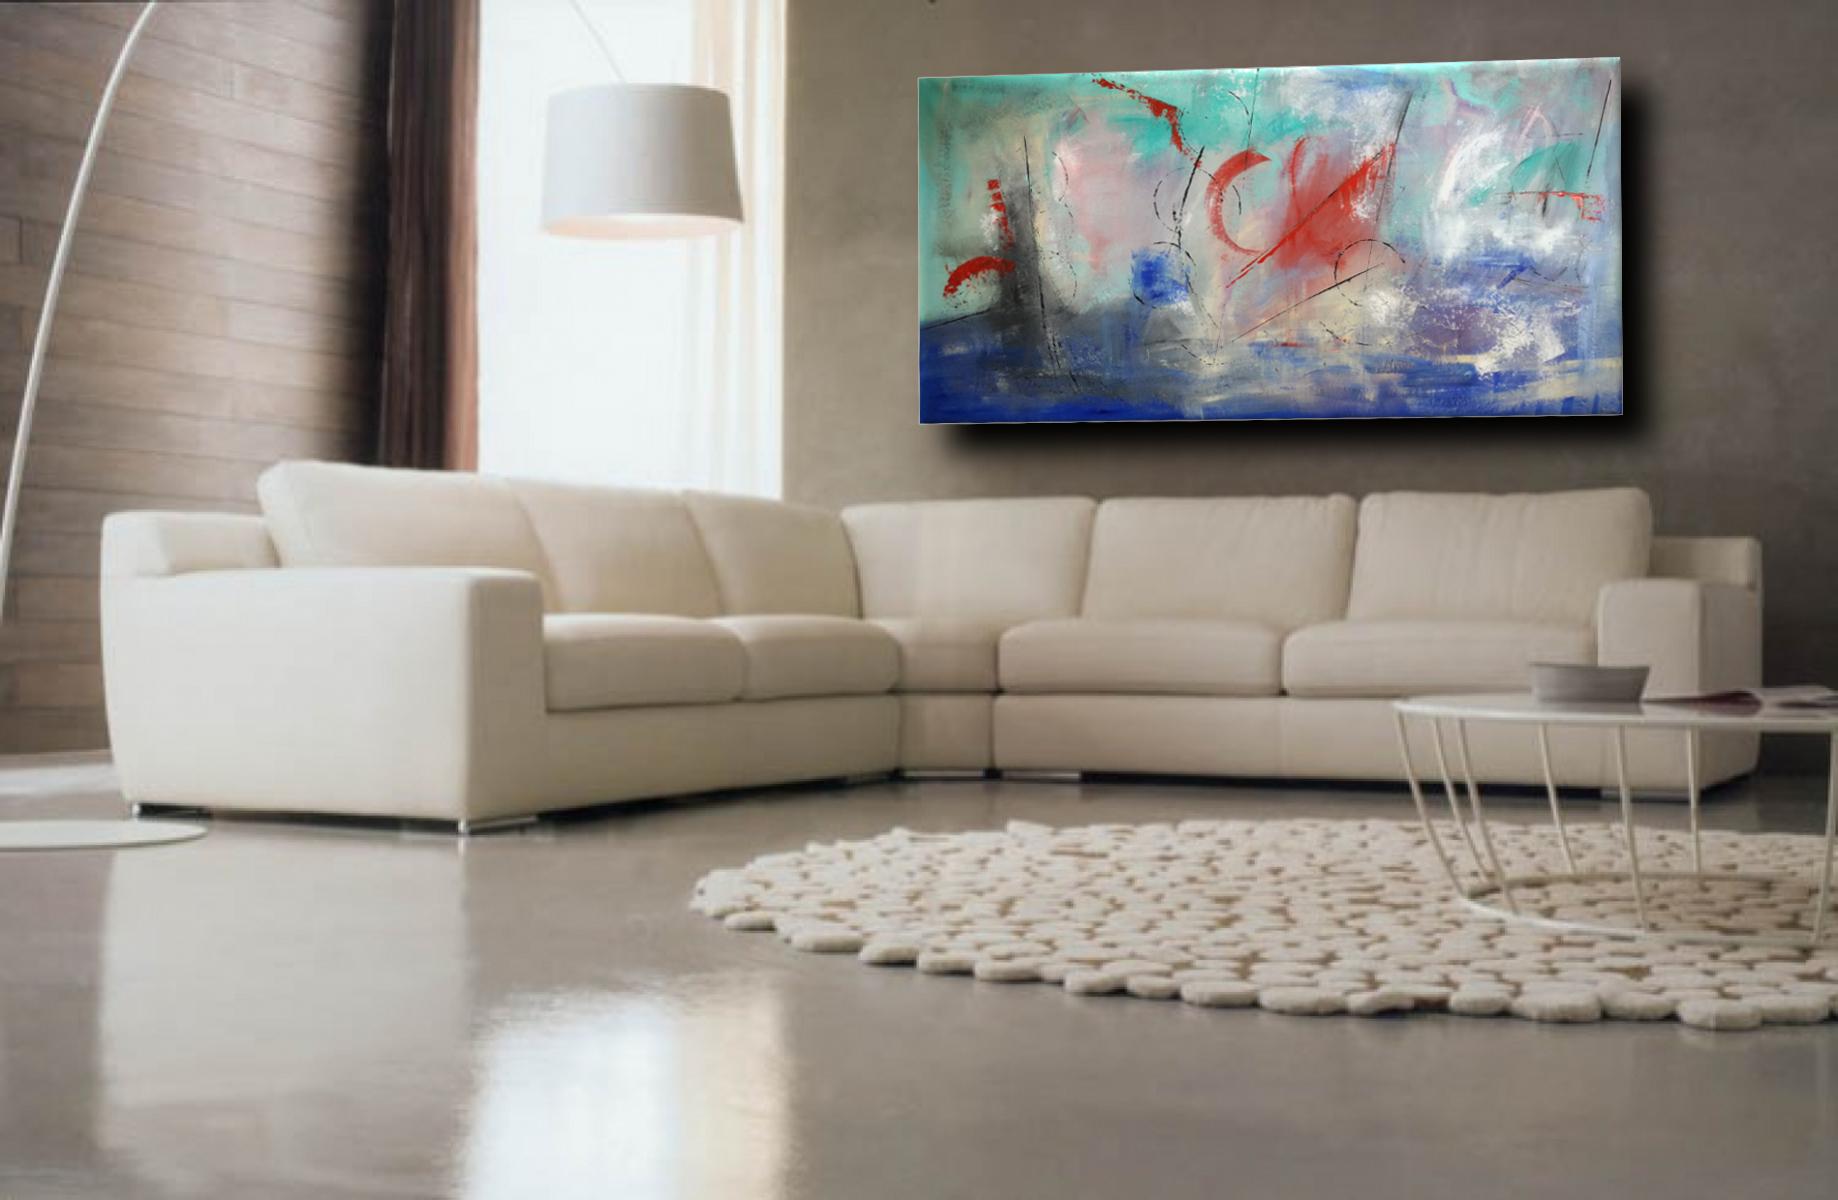 quadri astratti offshore 2 - quadri astratti per arredamento moderno xxl -200x100